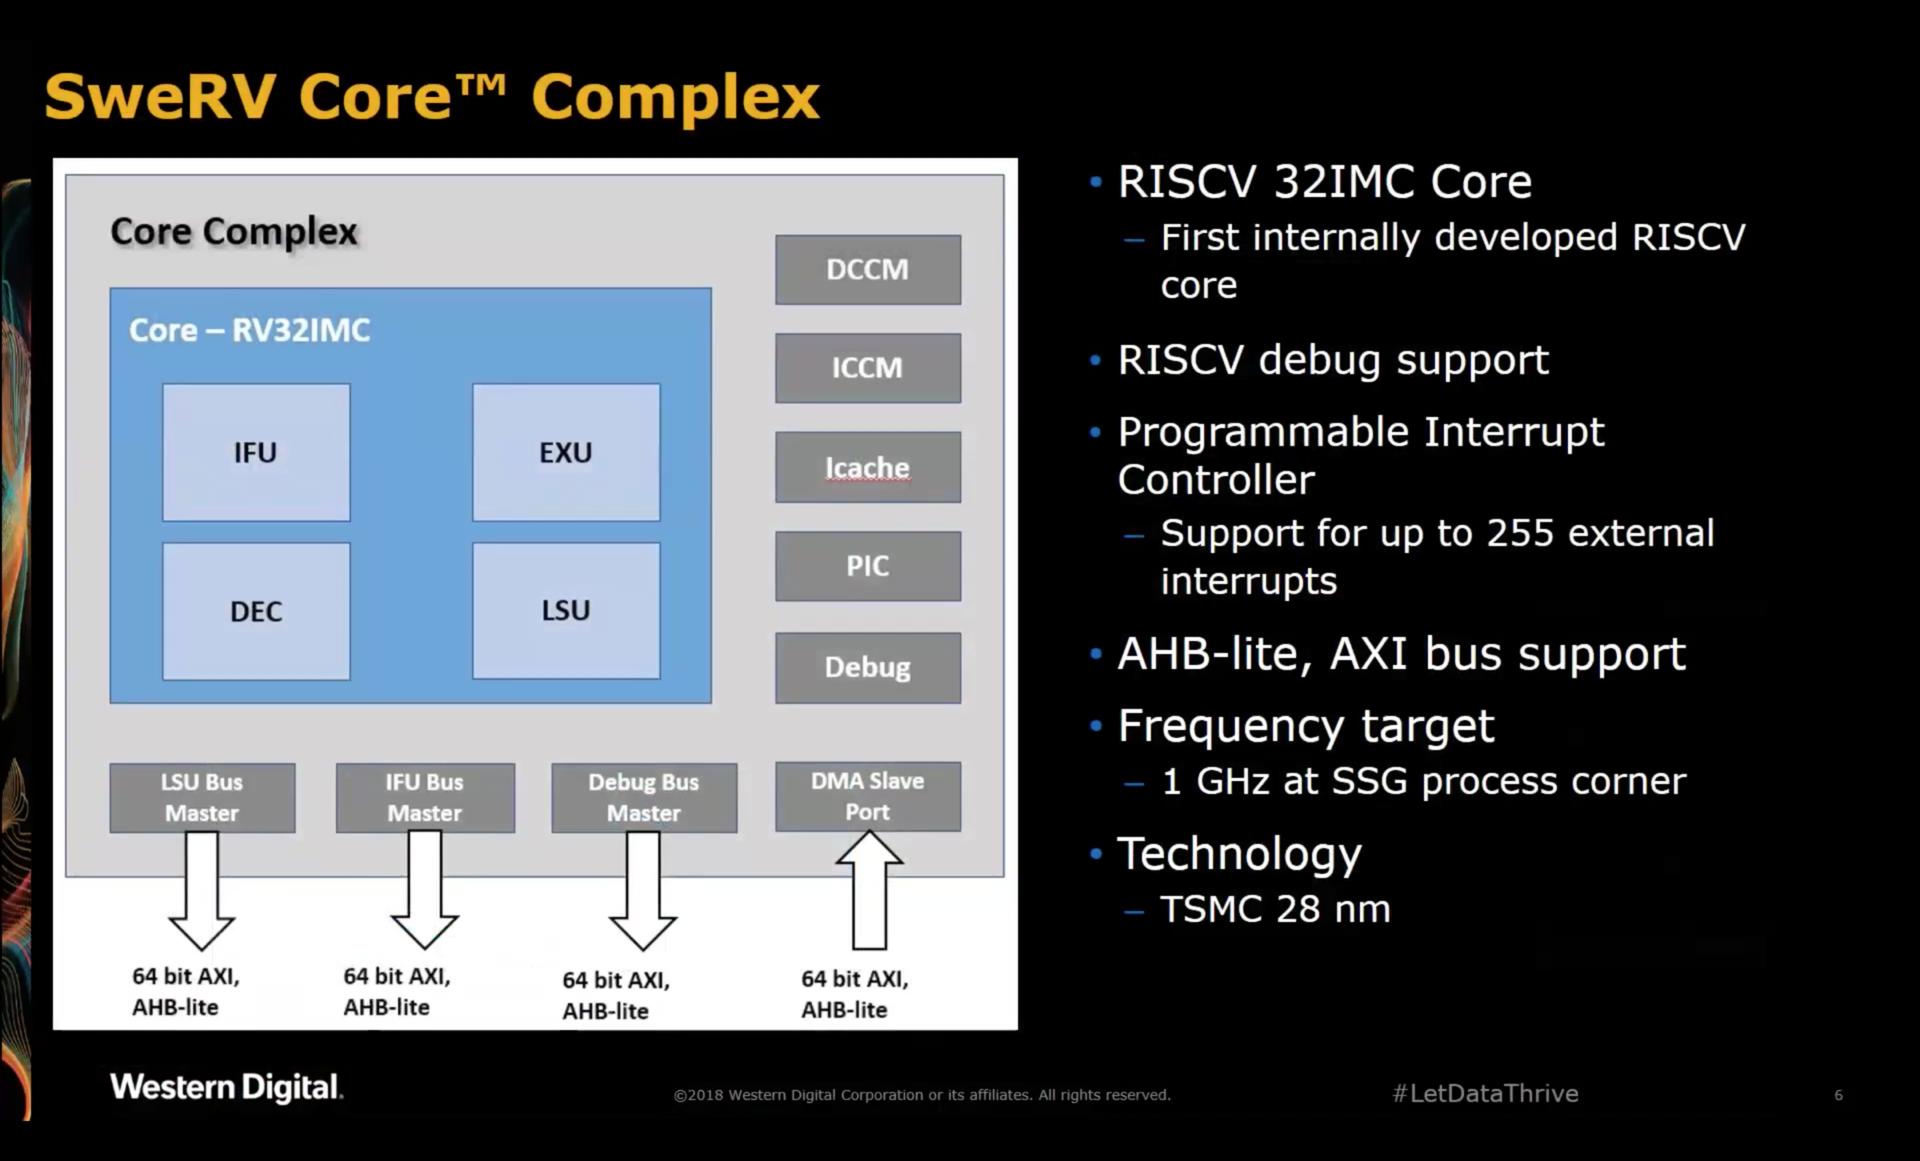 SweRV Core Complex